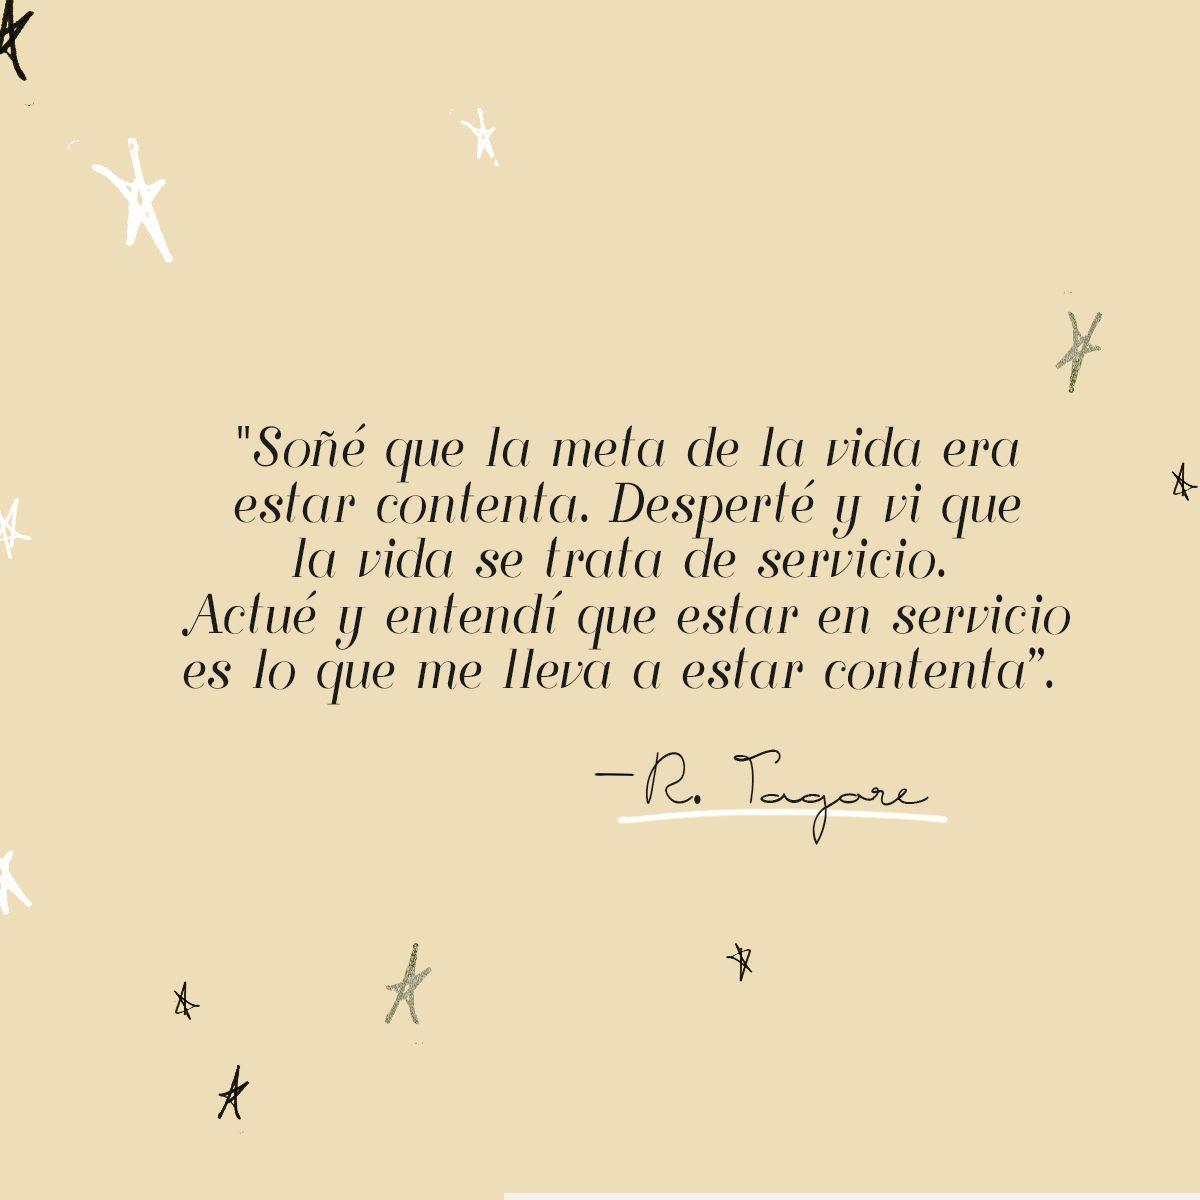 543 Soñe Que Frases De Superacion Frases Bonitas Y